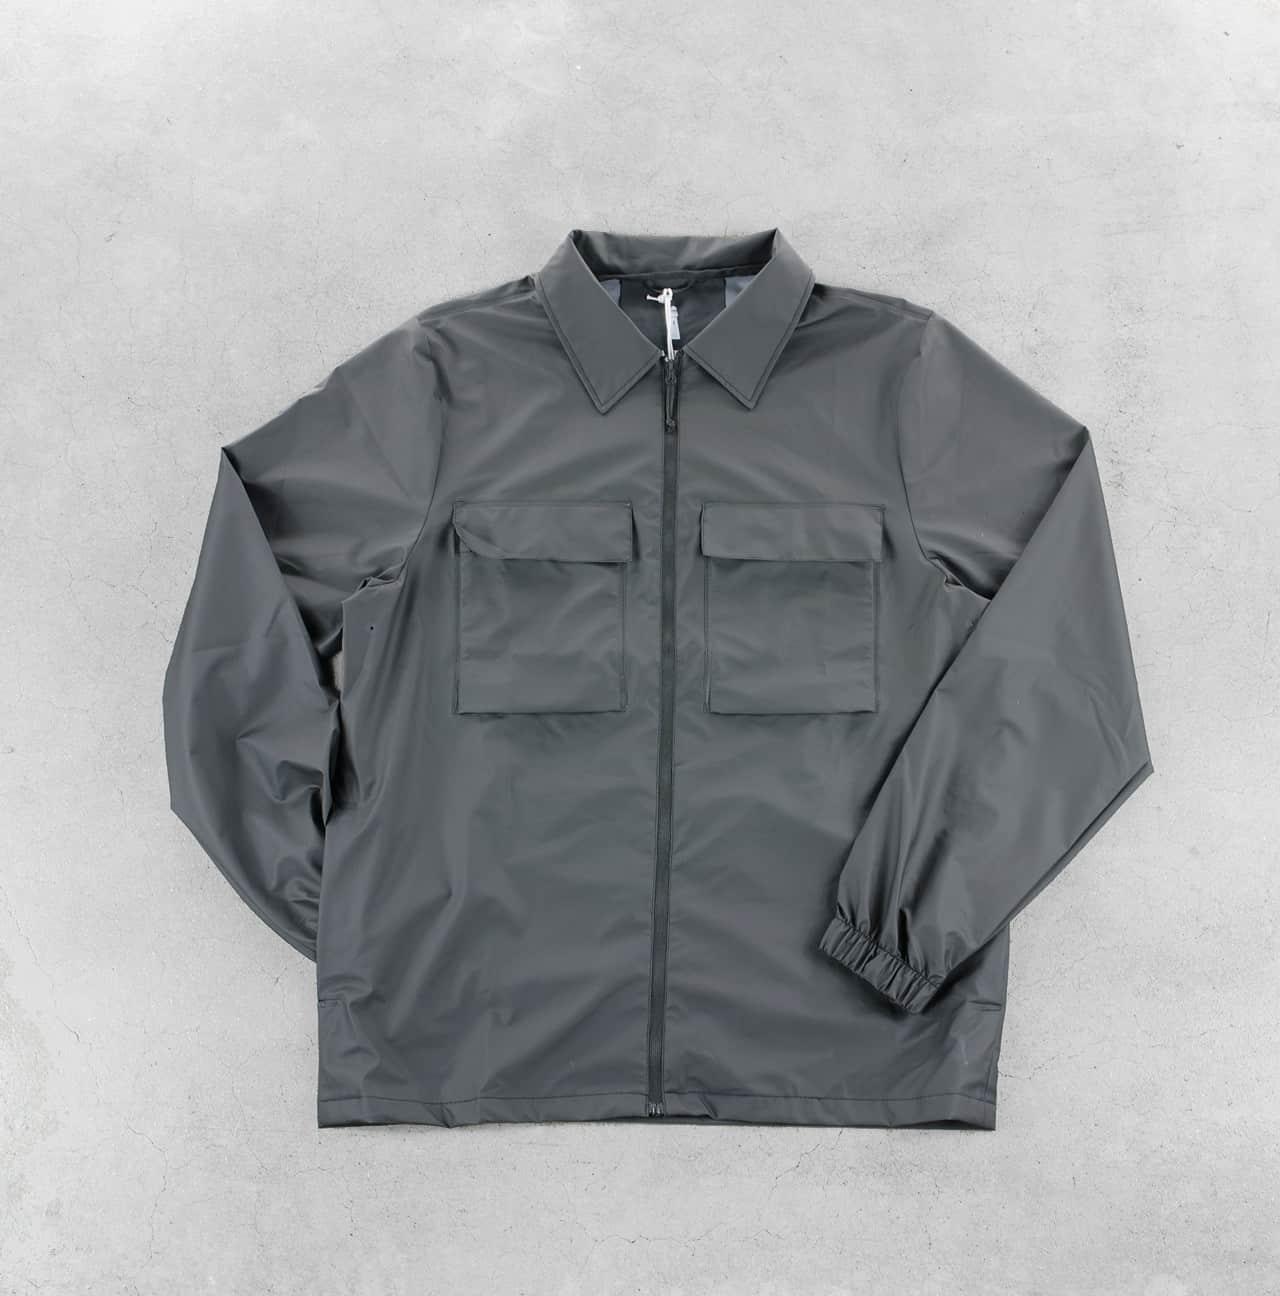 Ultralight Zip Shirt